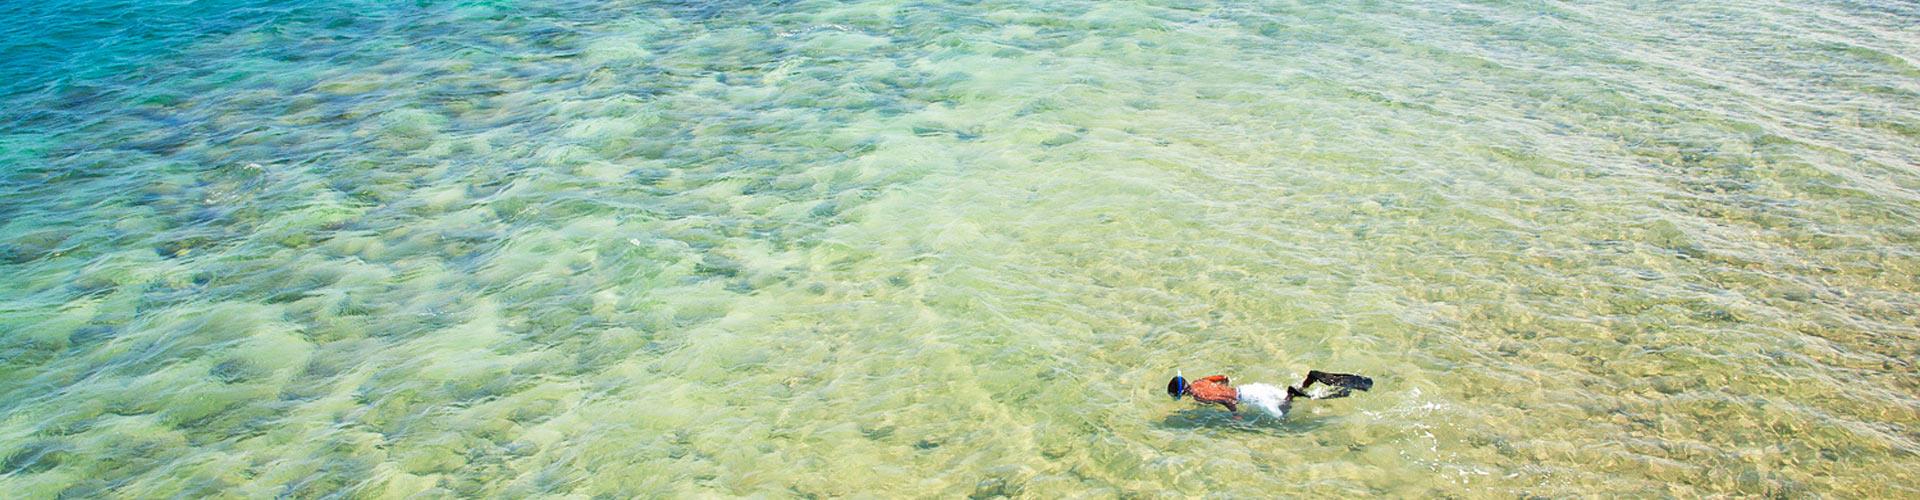 snorkelling quirimbas archipelago